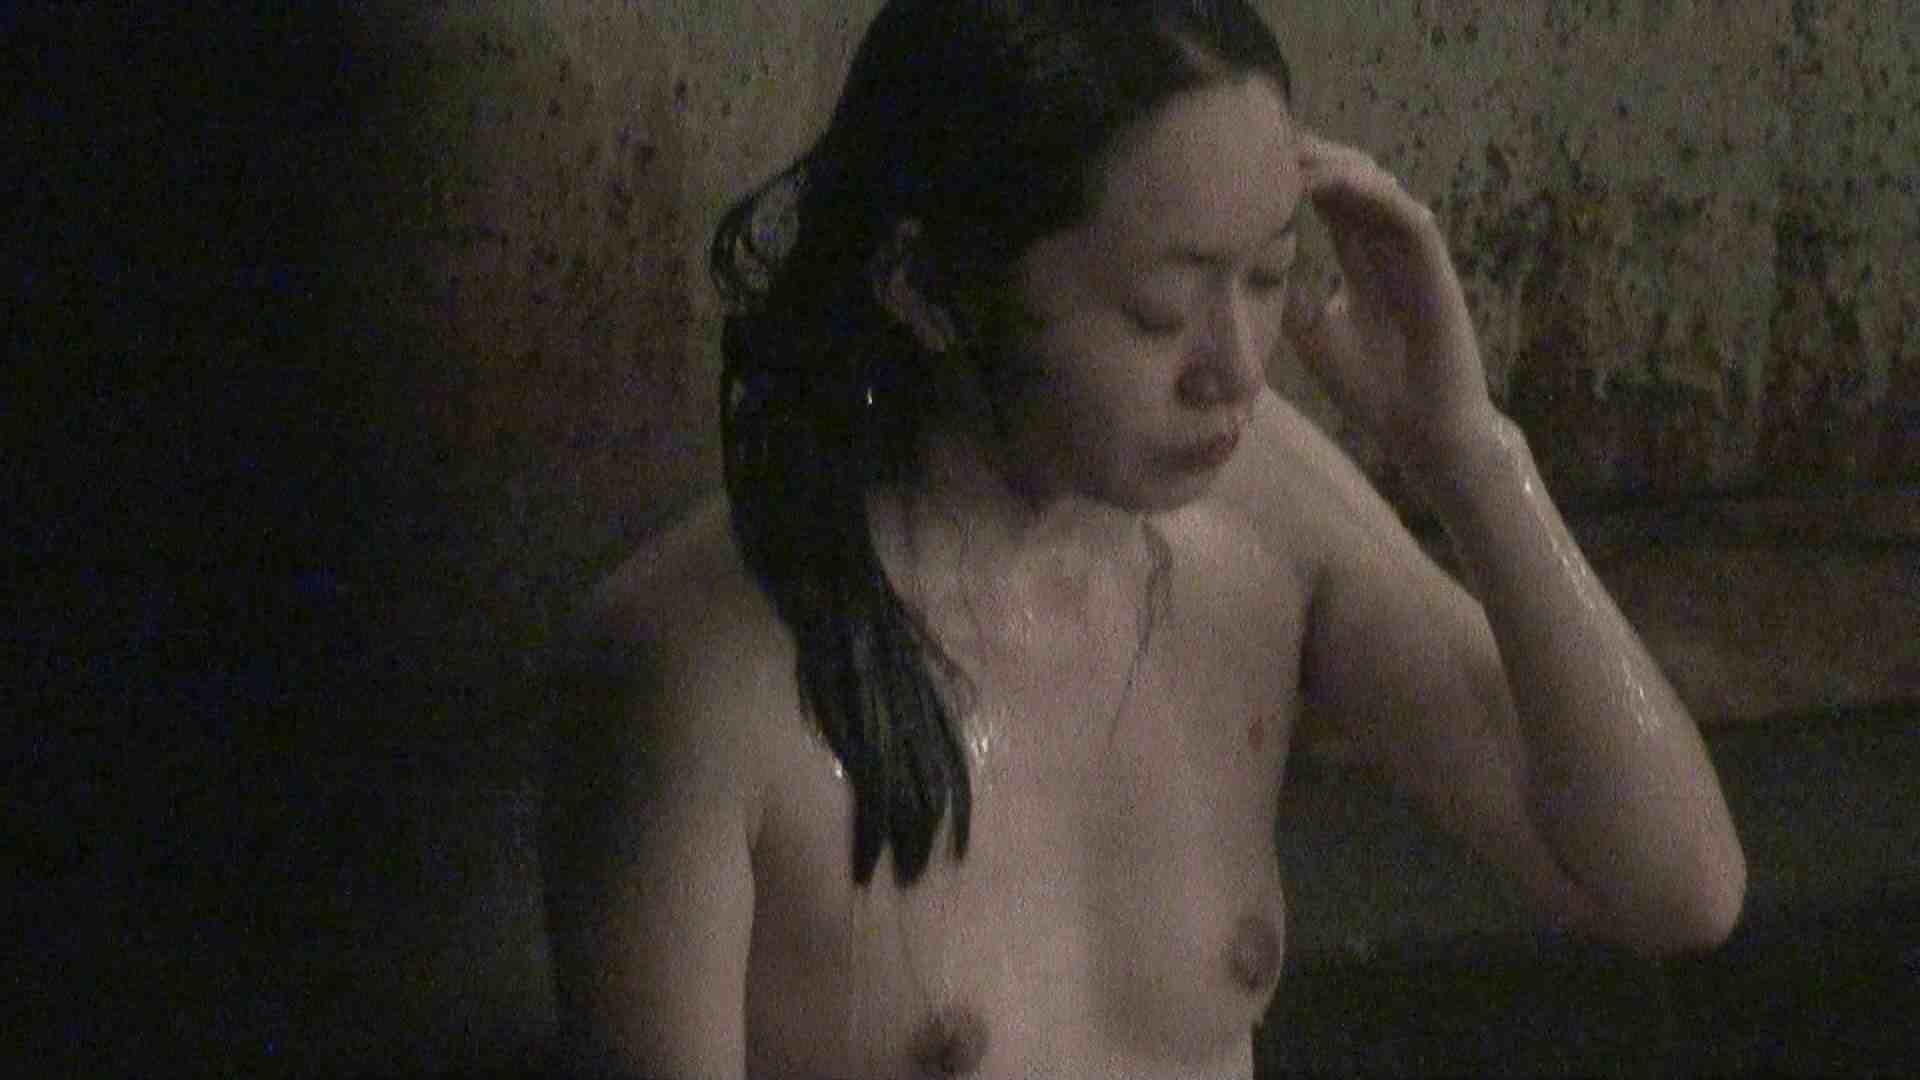 Aquaな露天風呂Vol.317 盗撮   OLのエロ生活  105連発 7